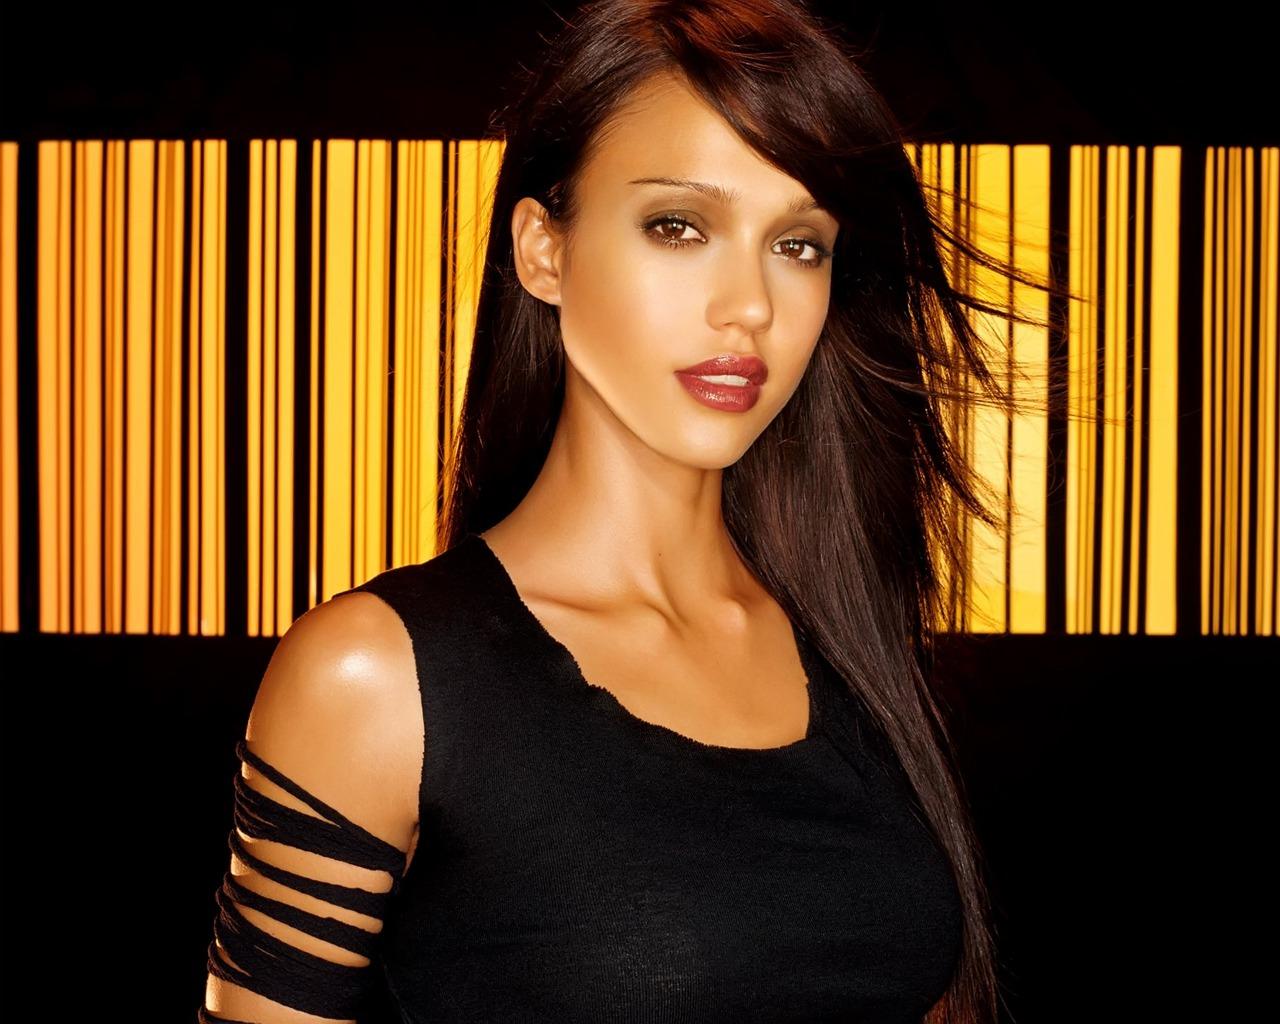 Wallpapers of Celebrities, Actress, Actors, Models in HD & 4K